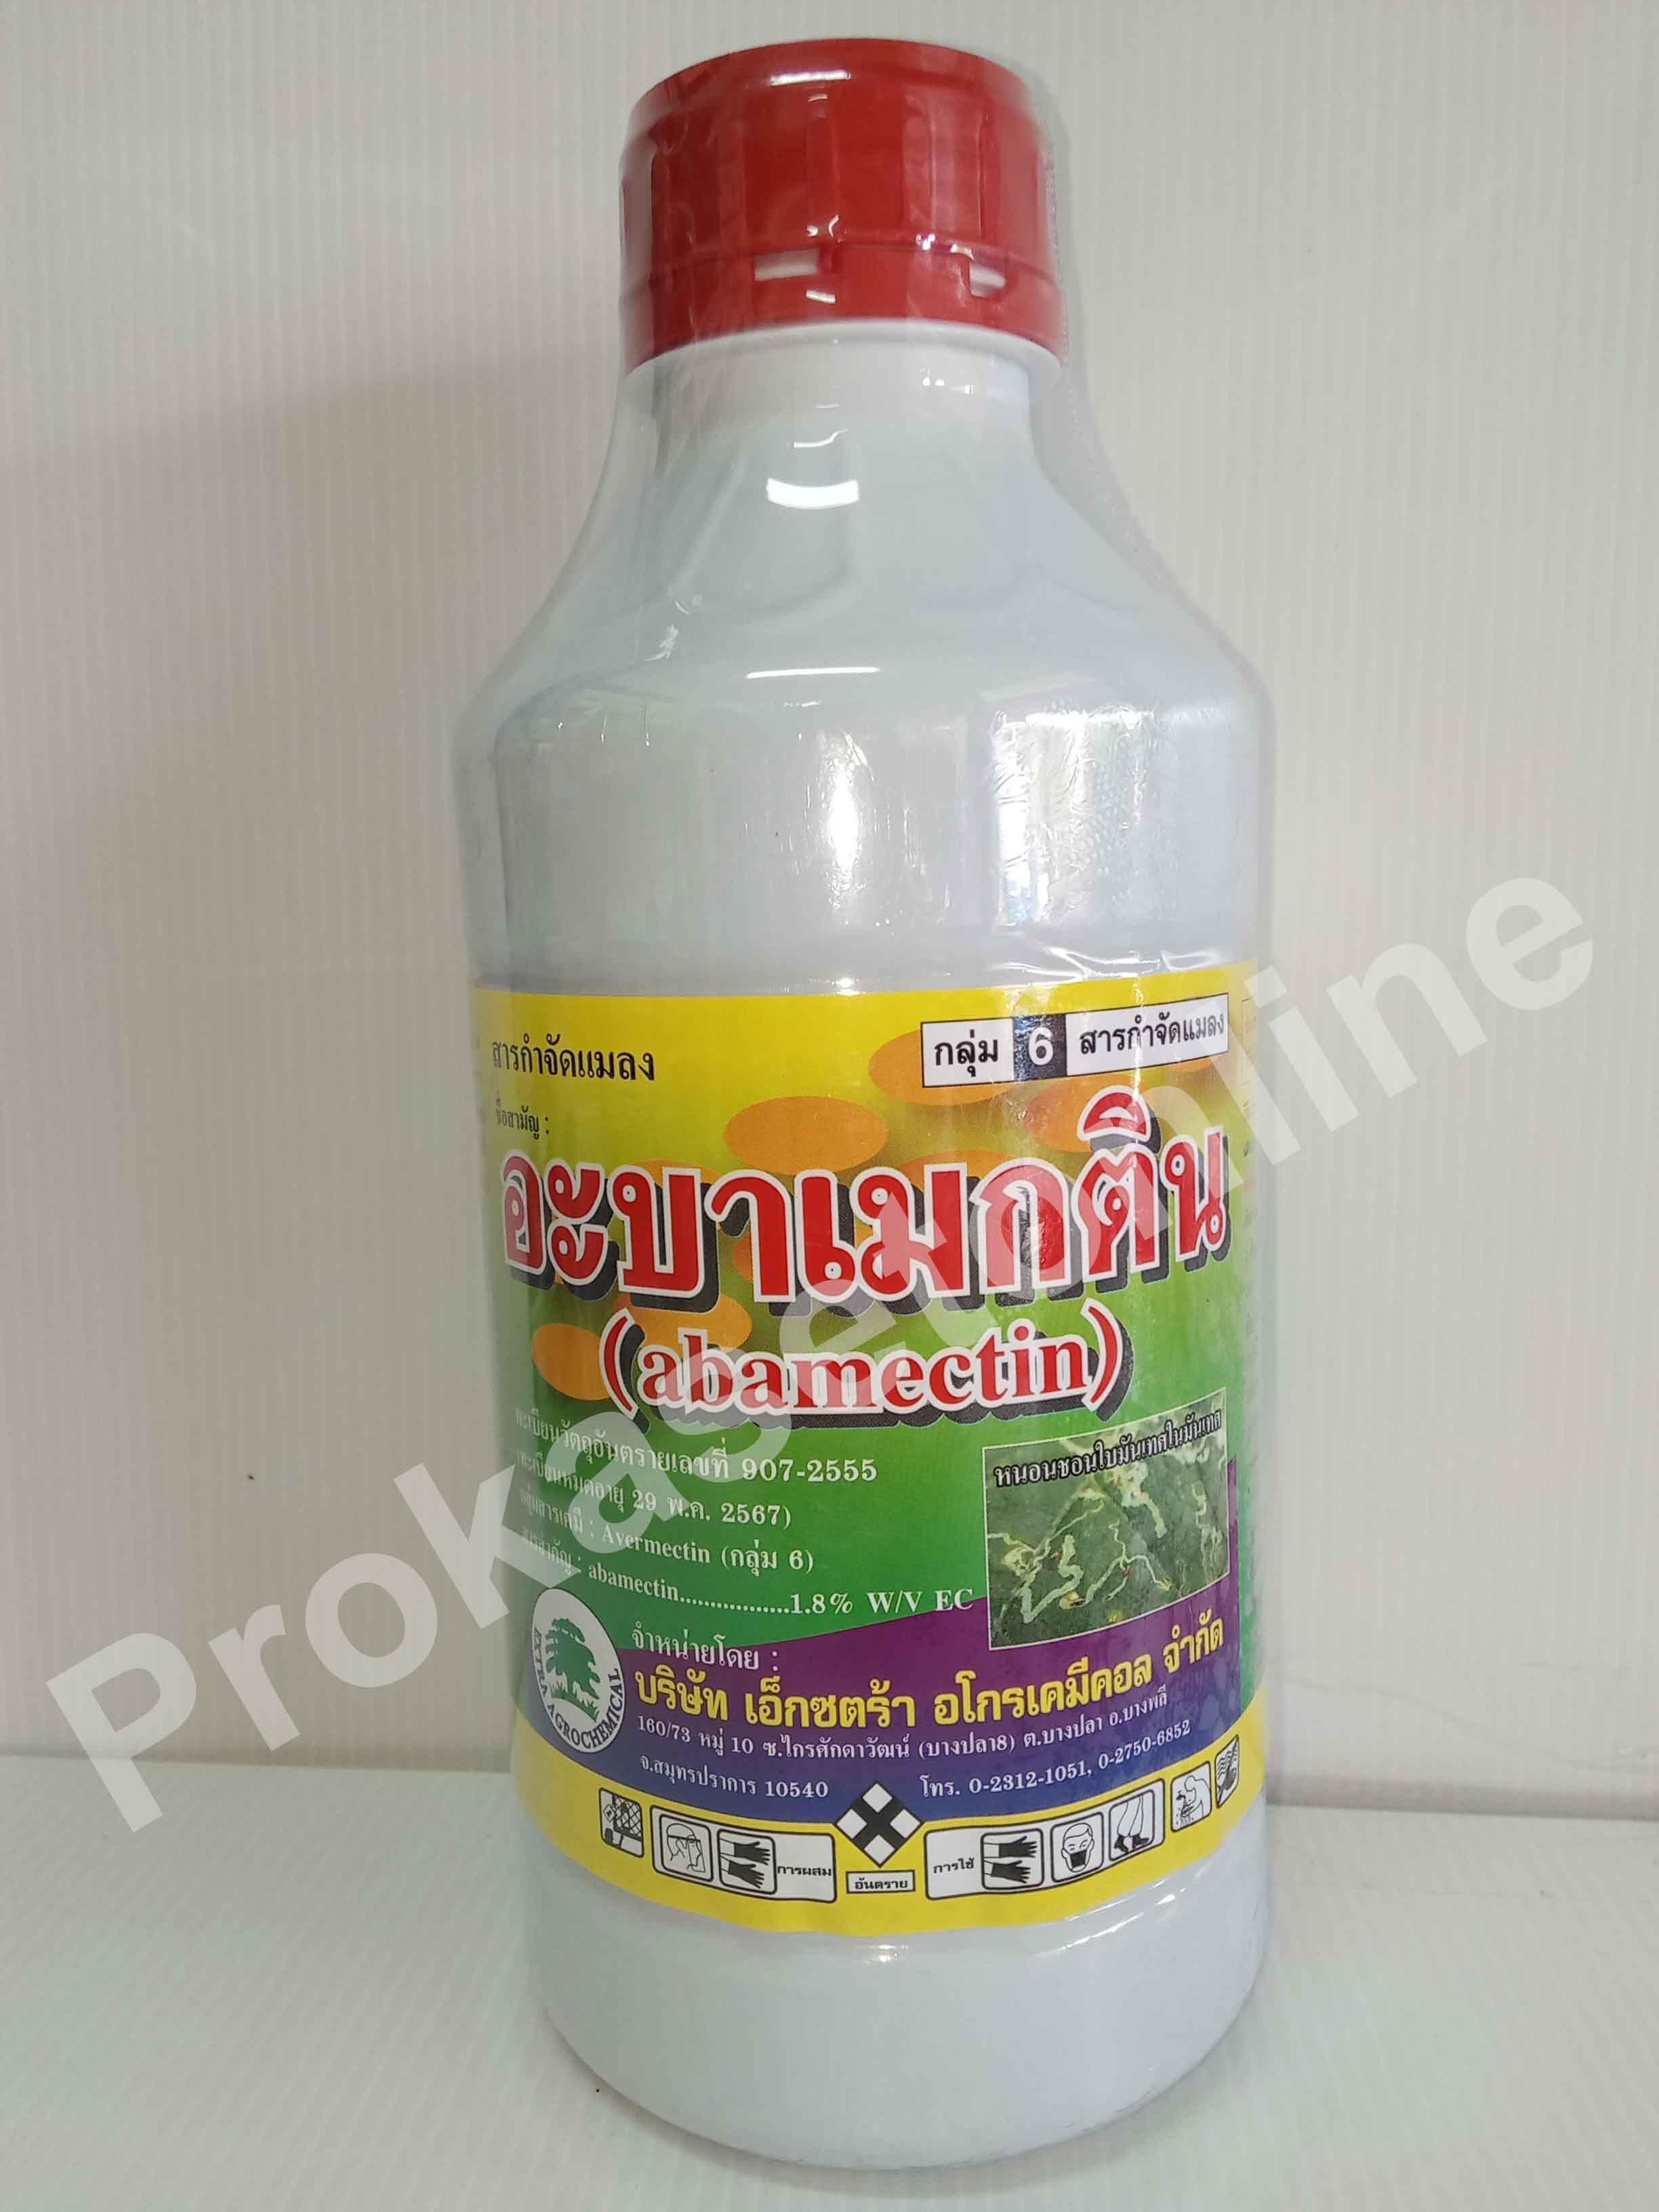 อะบาเม็กติน (abamectin) น้ำข้น ขนาด 1 ลิตร ใช้กำจัดหนอน เพลี้ยไฟ ในพืชผักได้ทุกชนิด.